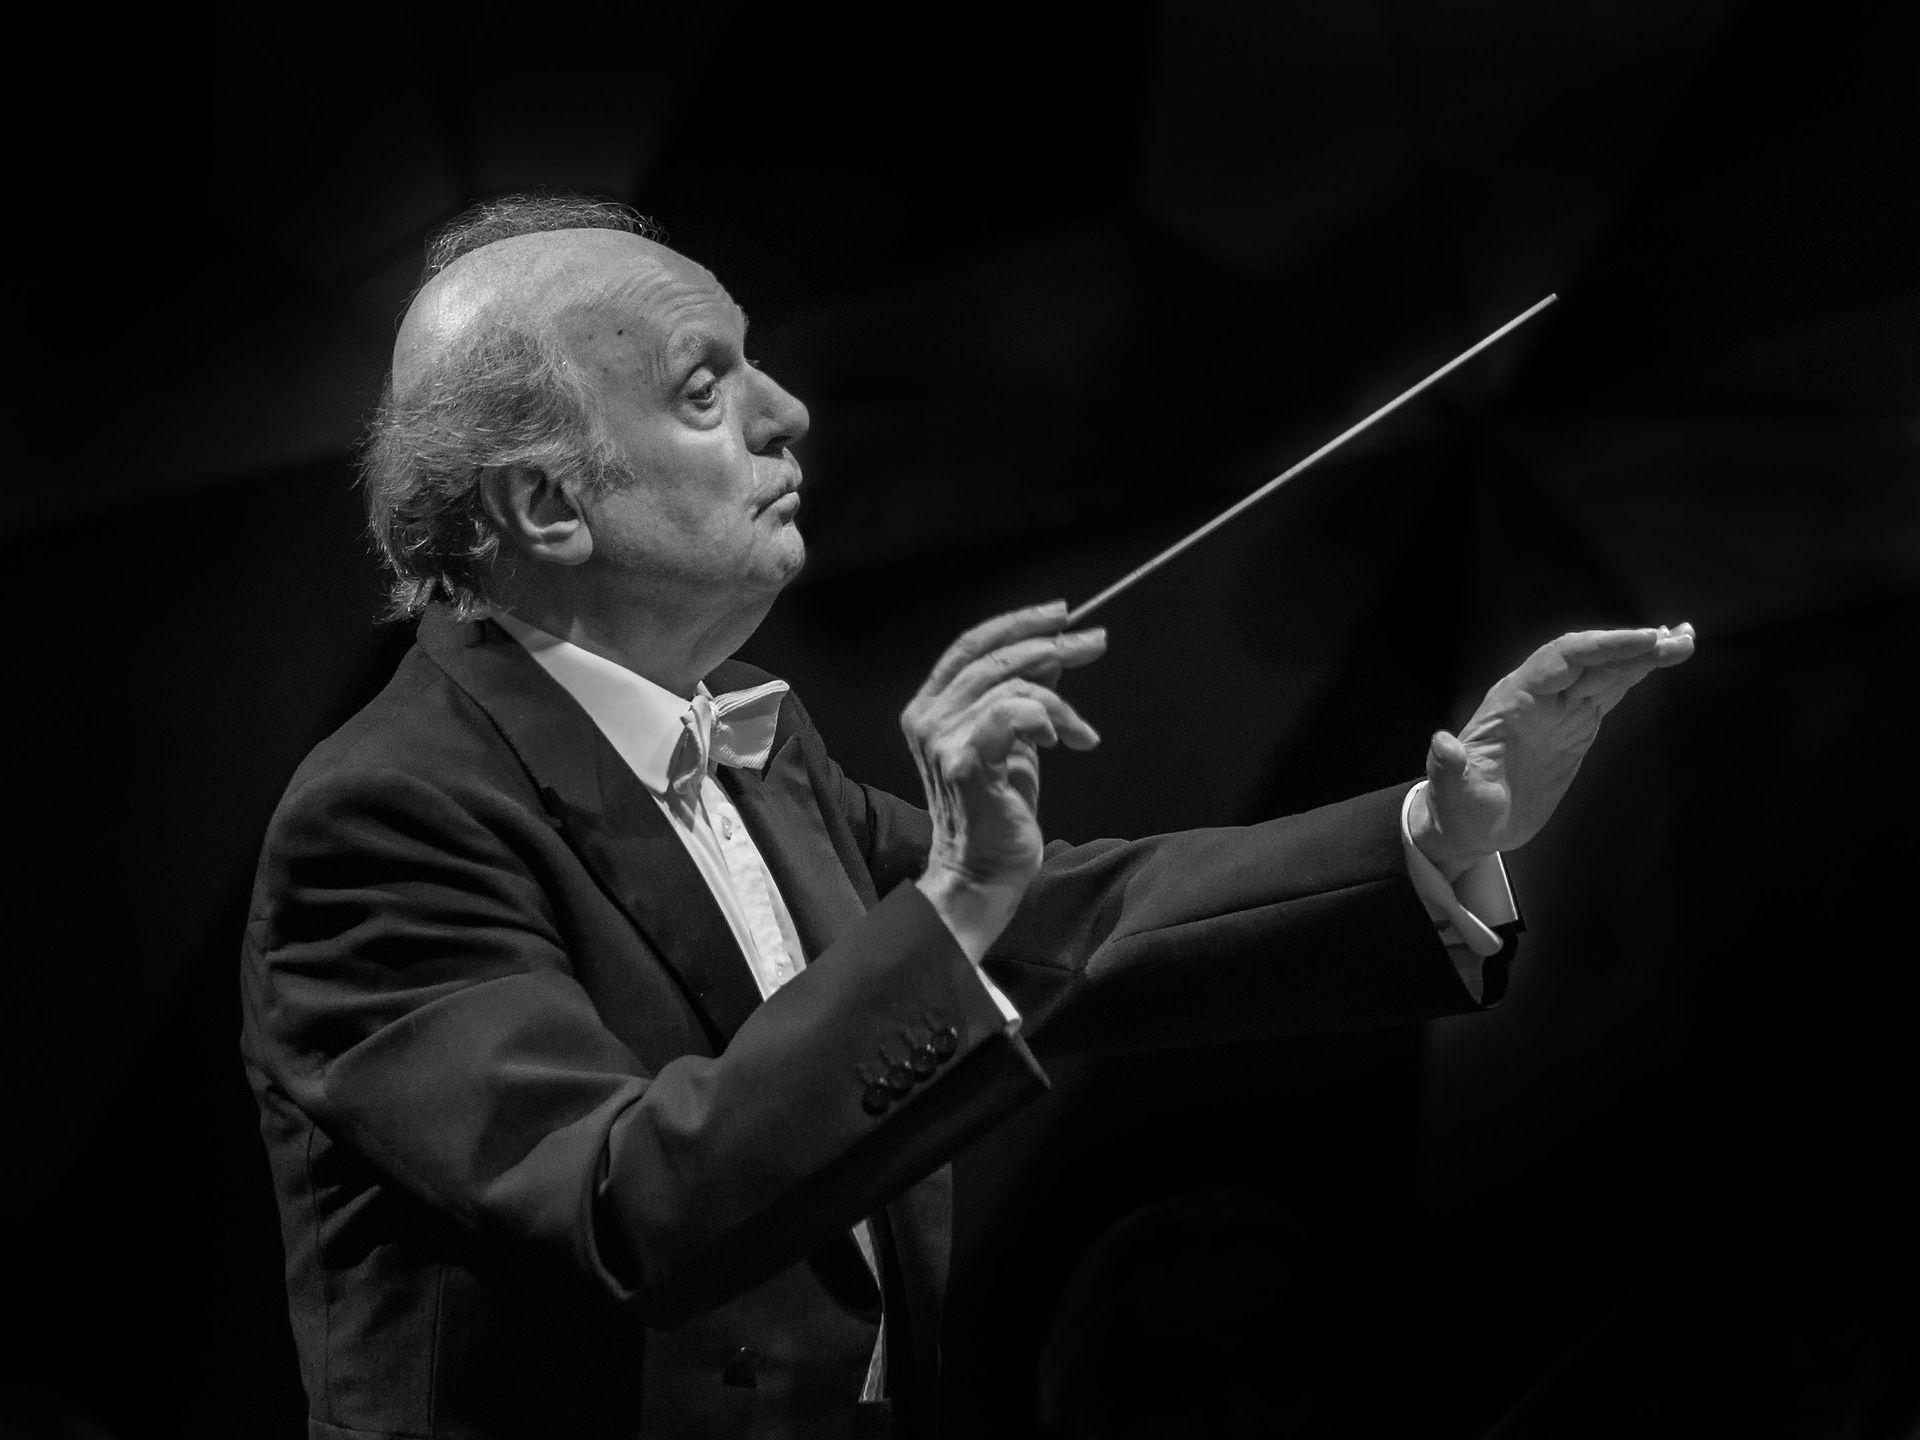 Marek Janowski - er en tysk dirigent. Han er fra 2002 kunstnerisk leder for Rundfunk-Sinfonieorchester Berlin. Fra 2005 til 2012 var han også leder av Orchestre de la Suisse Romande i Genève. Janowski er gjestedirigent for Pittsburgh Symphony Orchestra.Foto: Reinhold Möller